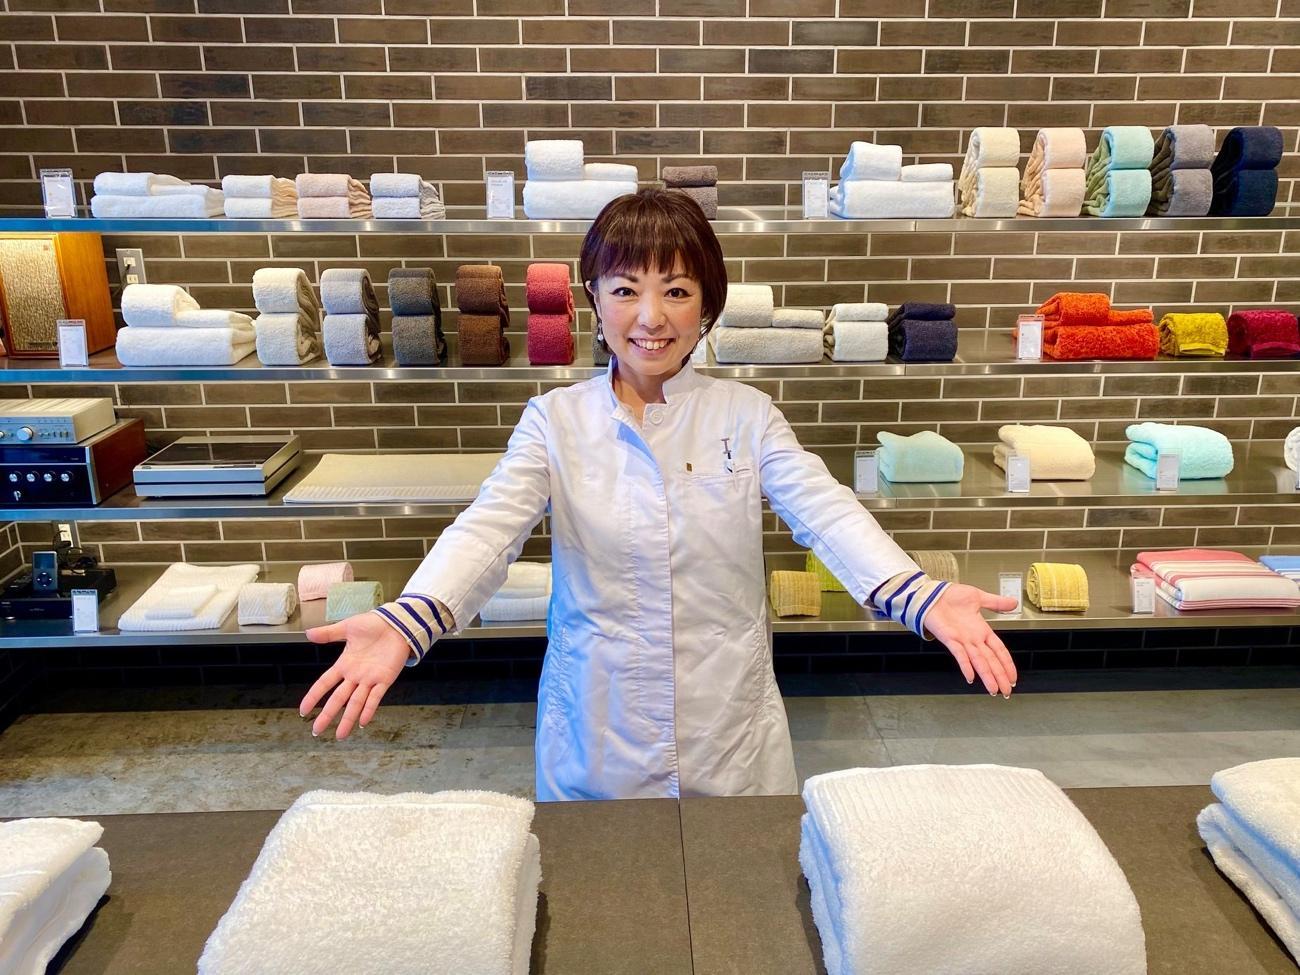 京都に出店した社会的企業が、京都に根ざし、メッセージを伝えていく一つの方法|益田 晴子|IKEUCHI ORGANIC(株)